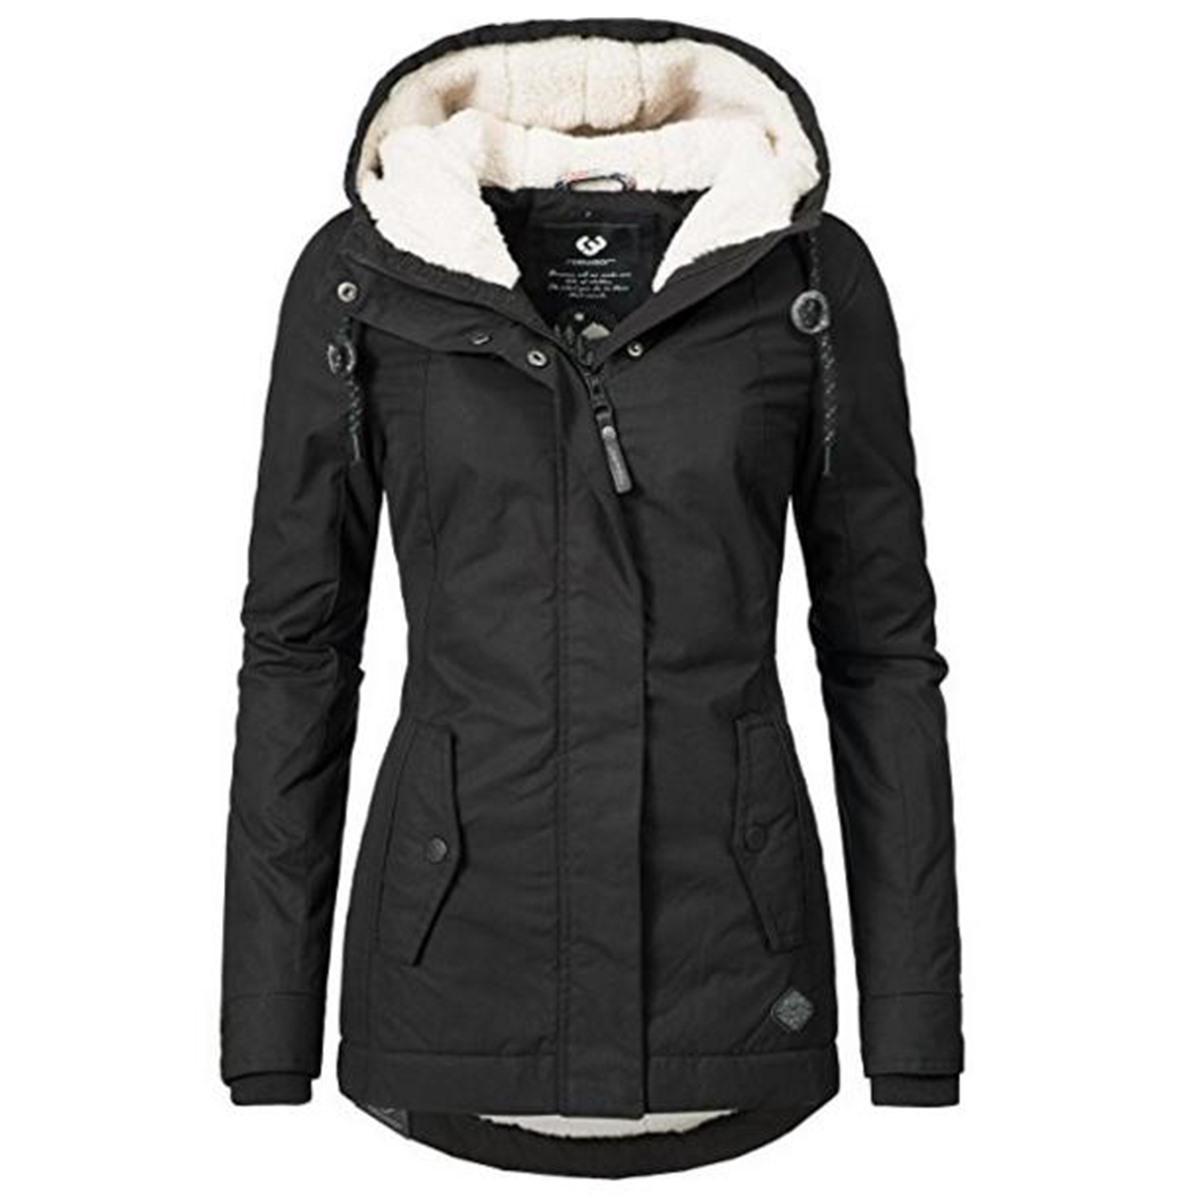 Großhandel Schwarze Baumwollmäntel Frauen Beiläufige Mit Kapuze Jacken  Mantel Art Und Weiseeinfache Hautpstraße Dünne 2018 Winter Warme Verdicken  ... 154ba6dee7